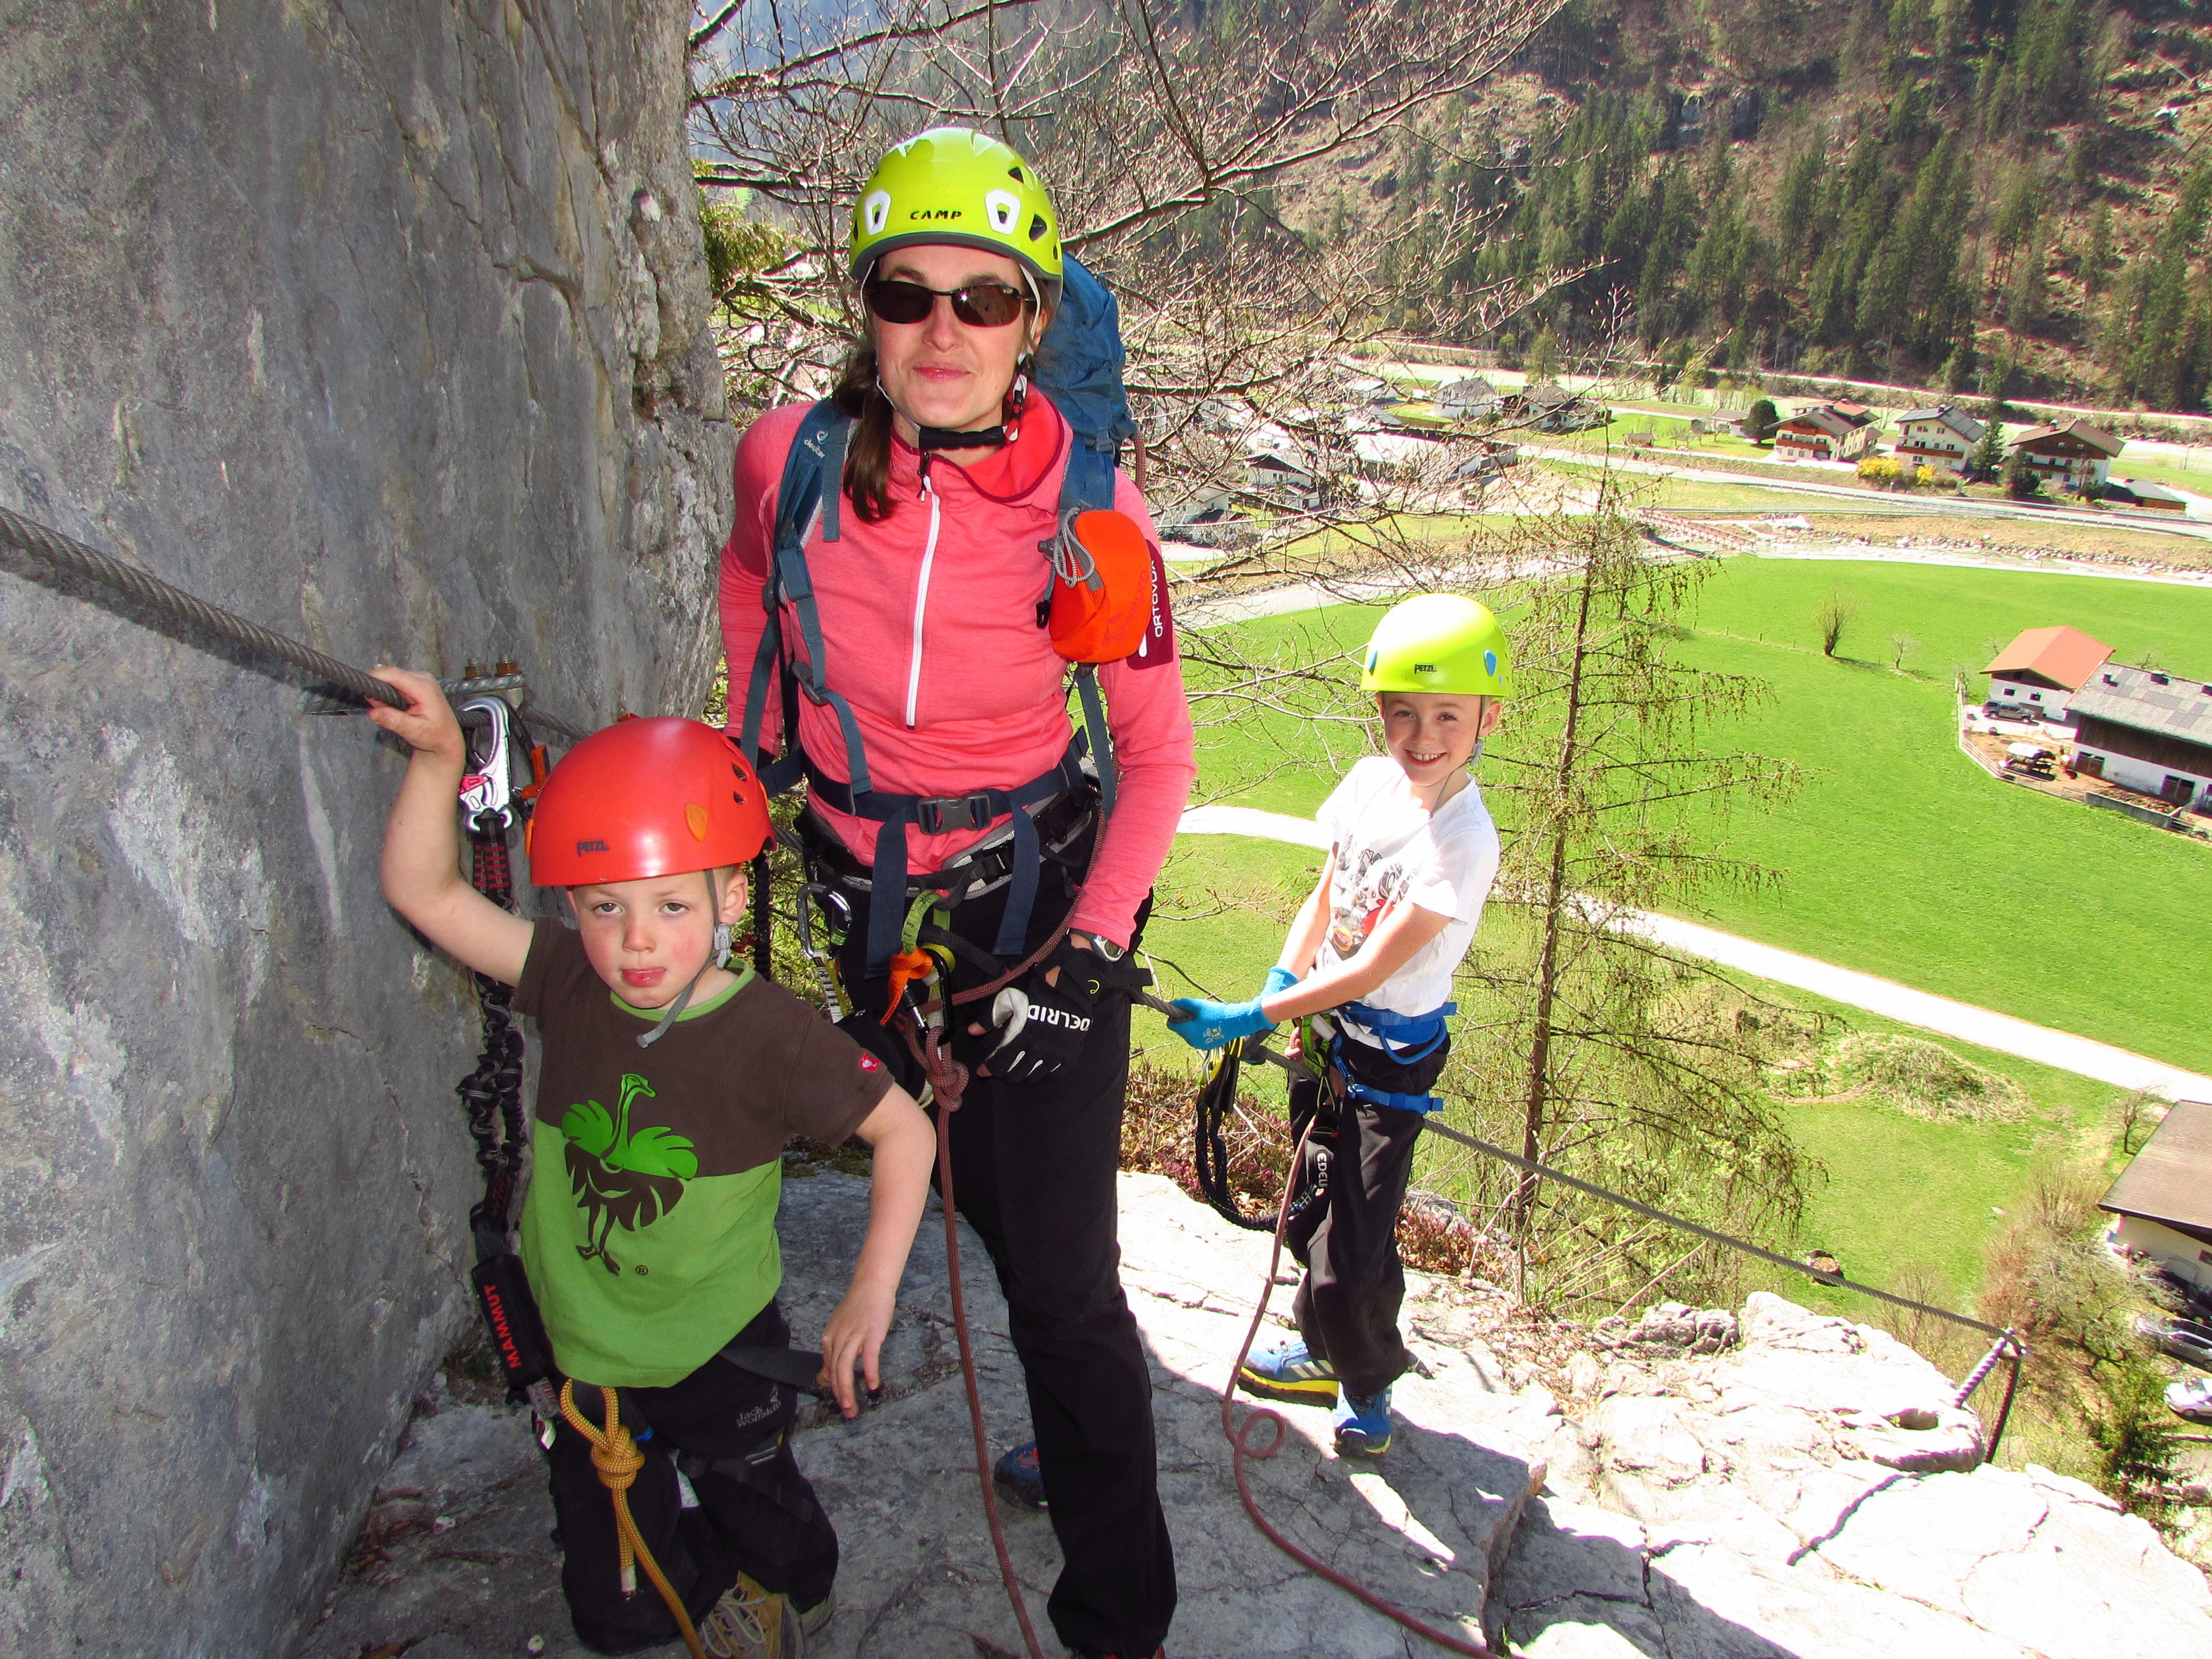 Auf unbestimmte Zeit verschoben! Klettersteige für Anfänger und Fortgeschrittene in Weißbach bei Lofer